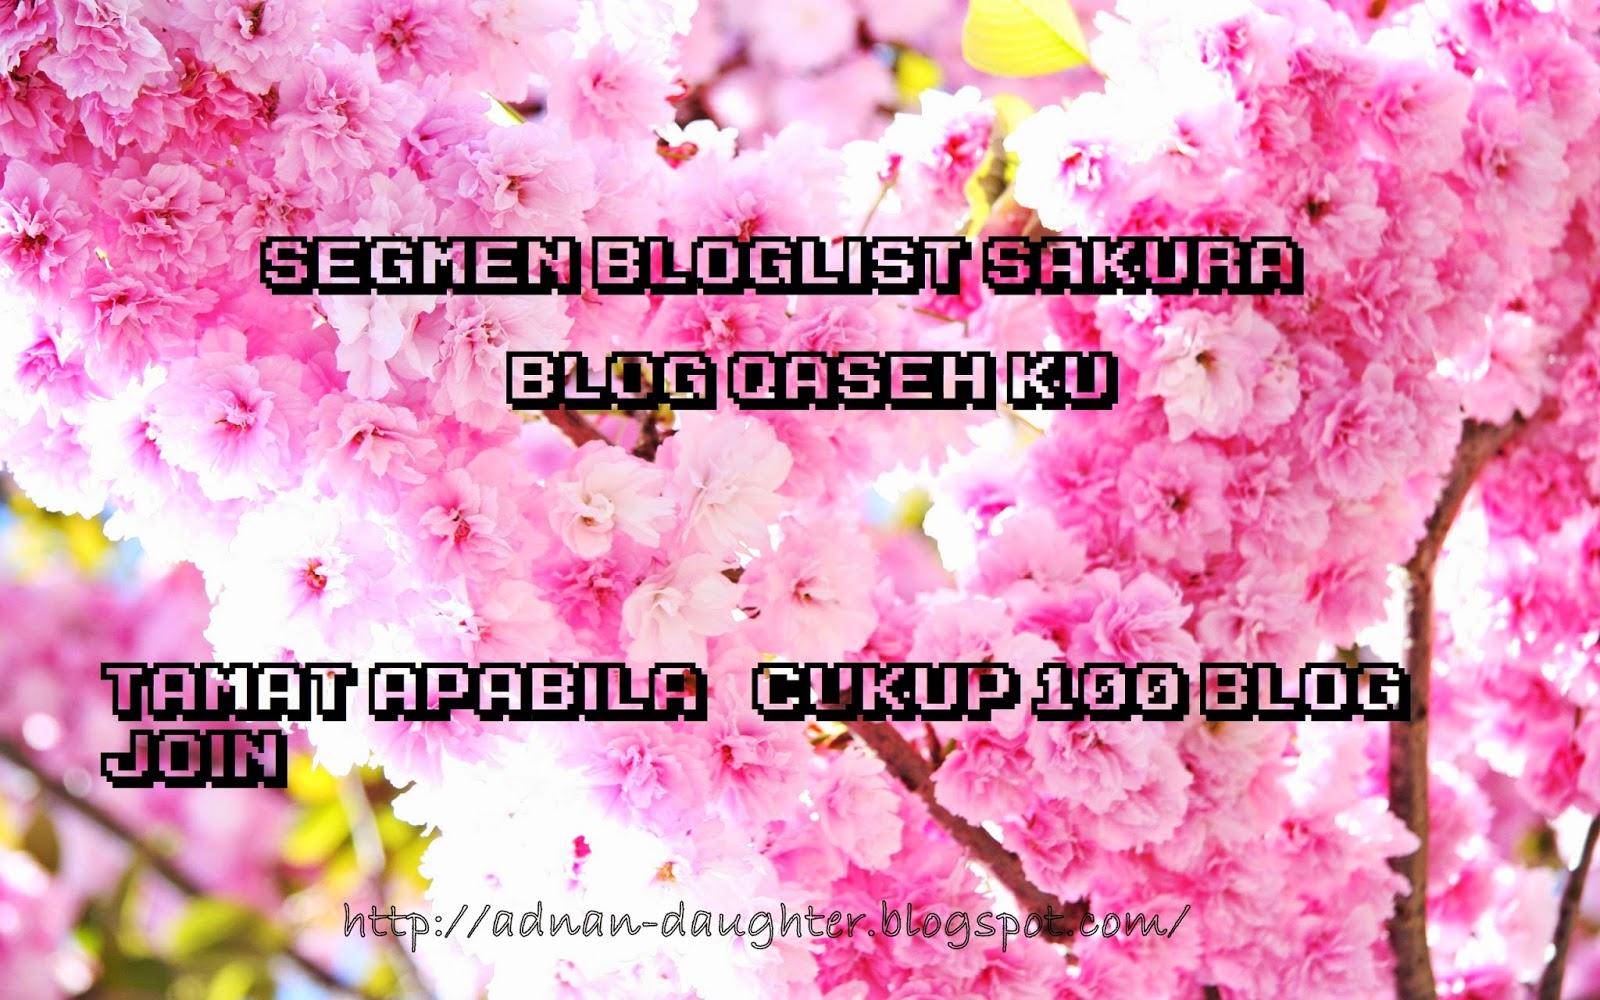 anizz, qasehku, bloglist, segmen, arzmoha